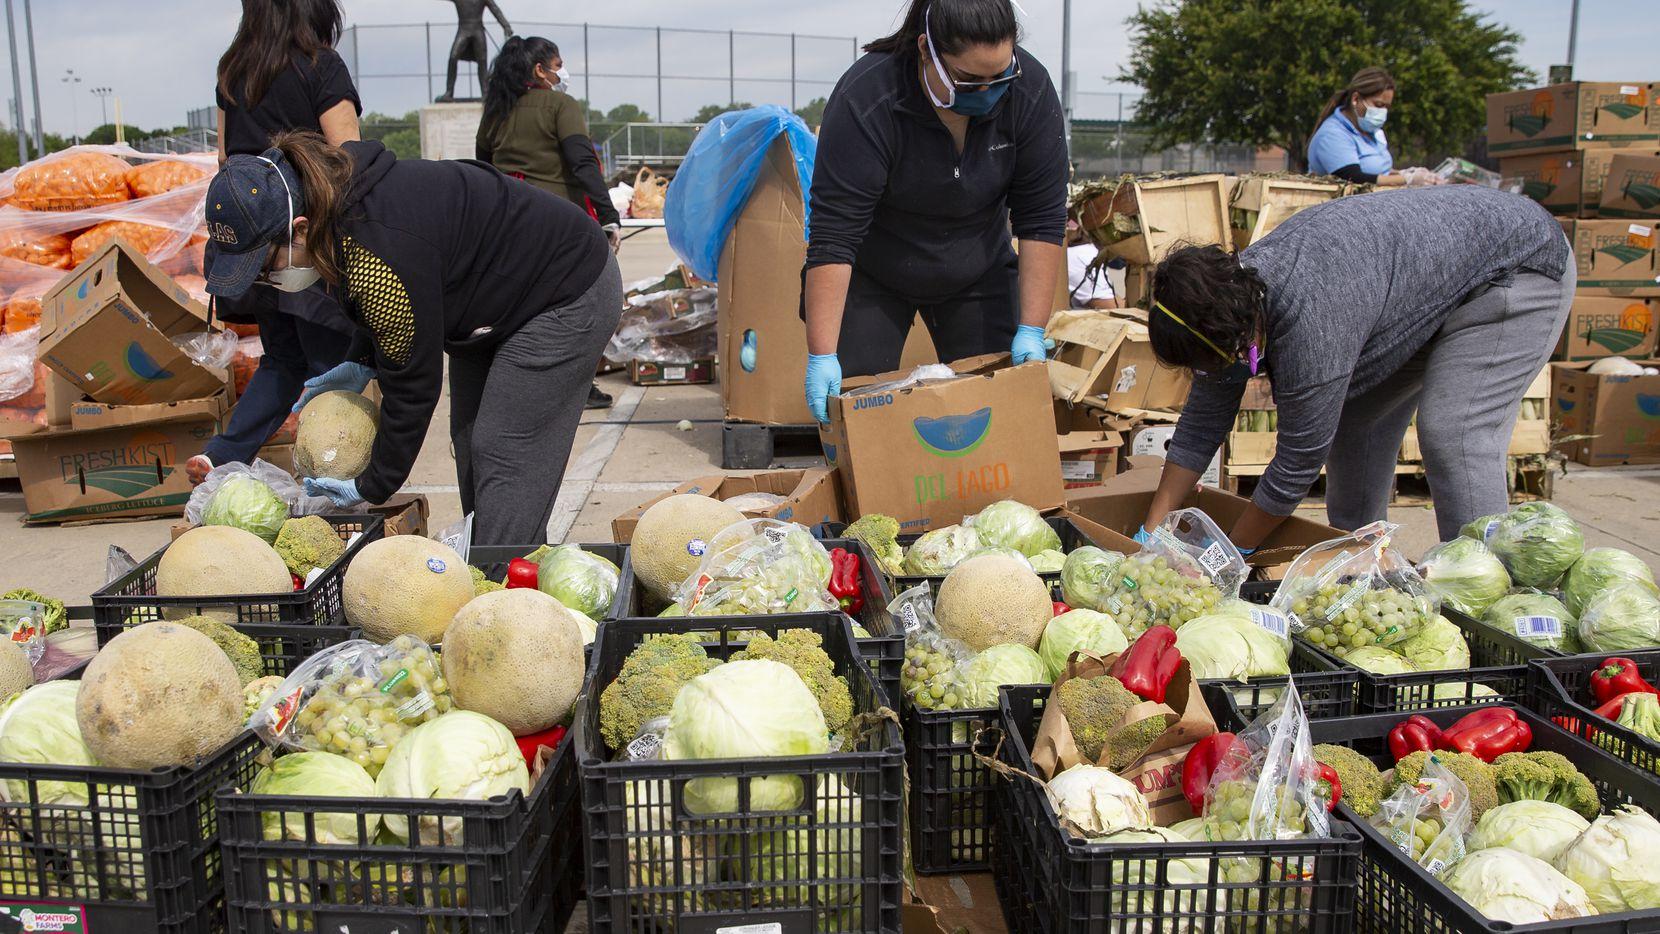 Voluntarios del Harvest Food Project Rescue entregan cajas de frutas y vegetales en el parque Jaycee Zaragoza el pasado 18 de abril.